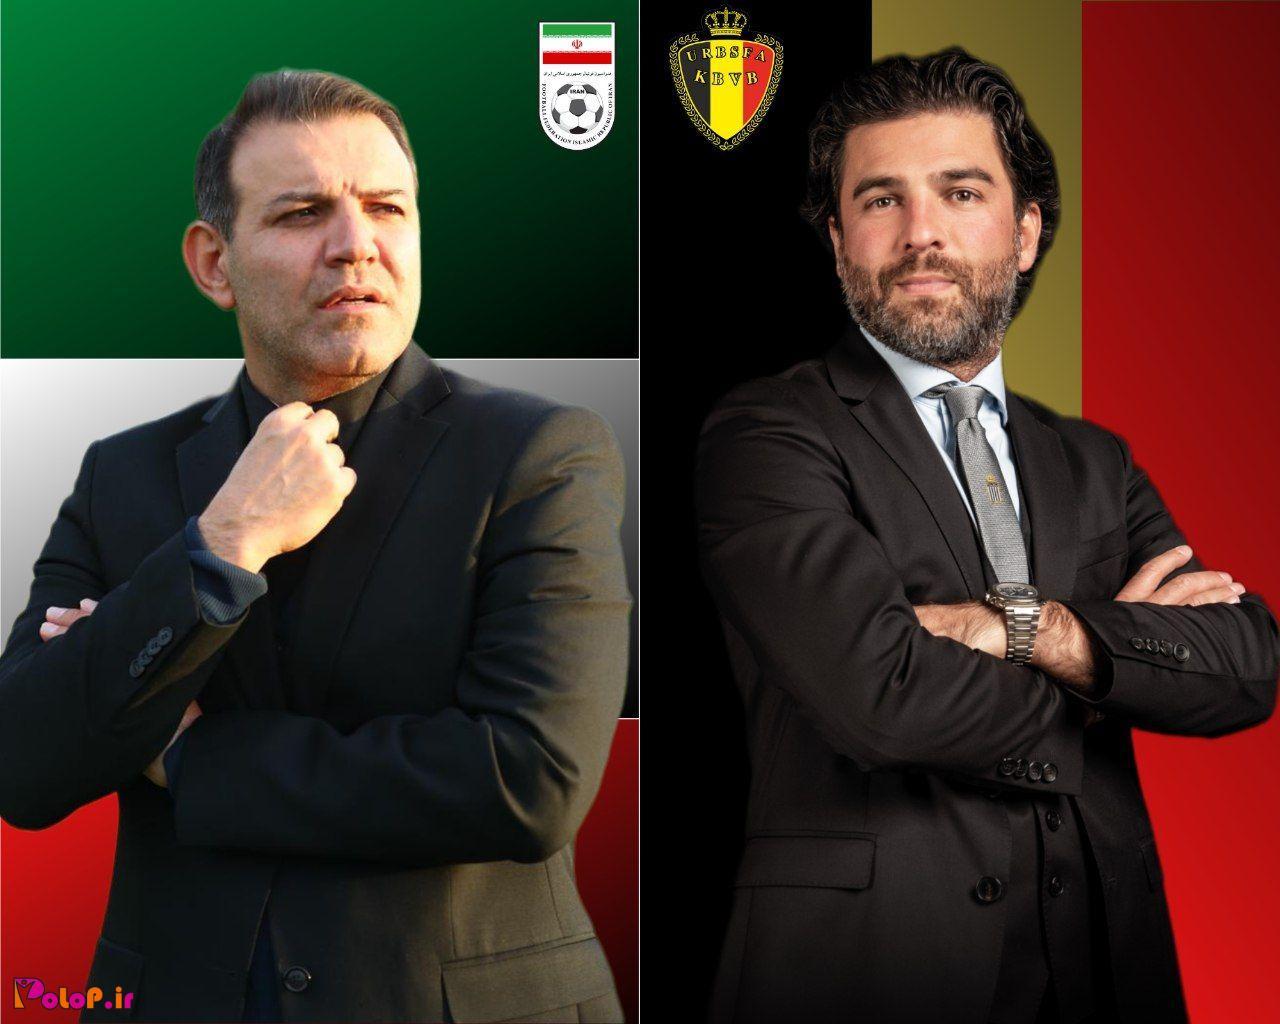 برگزاری دیدار دوستانه ایران و بلژیک